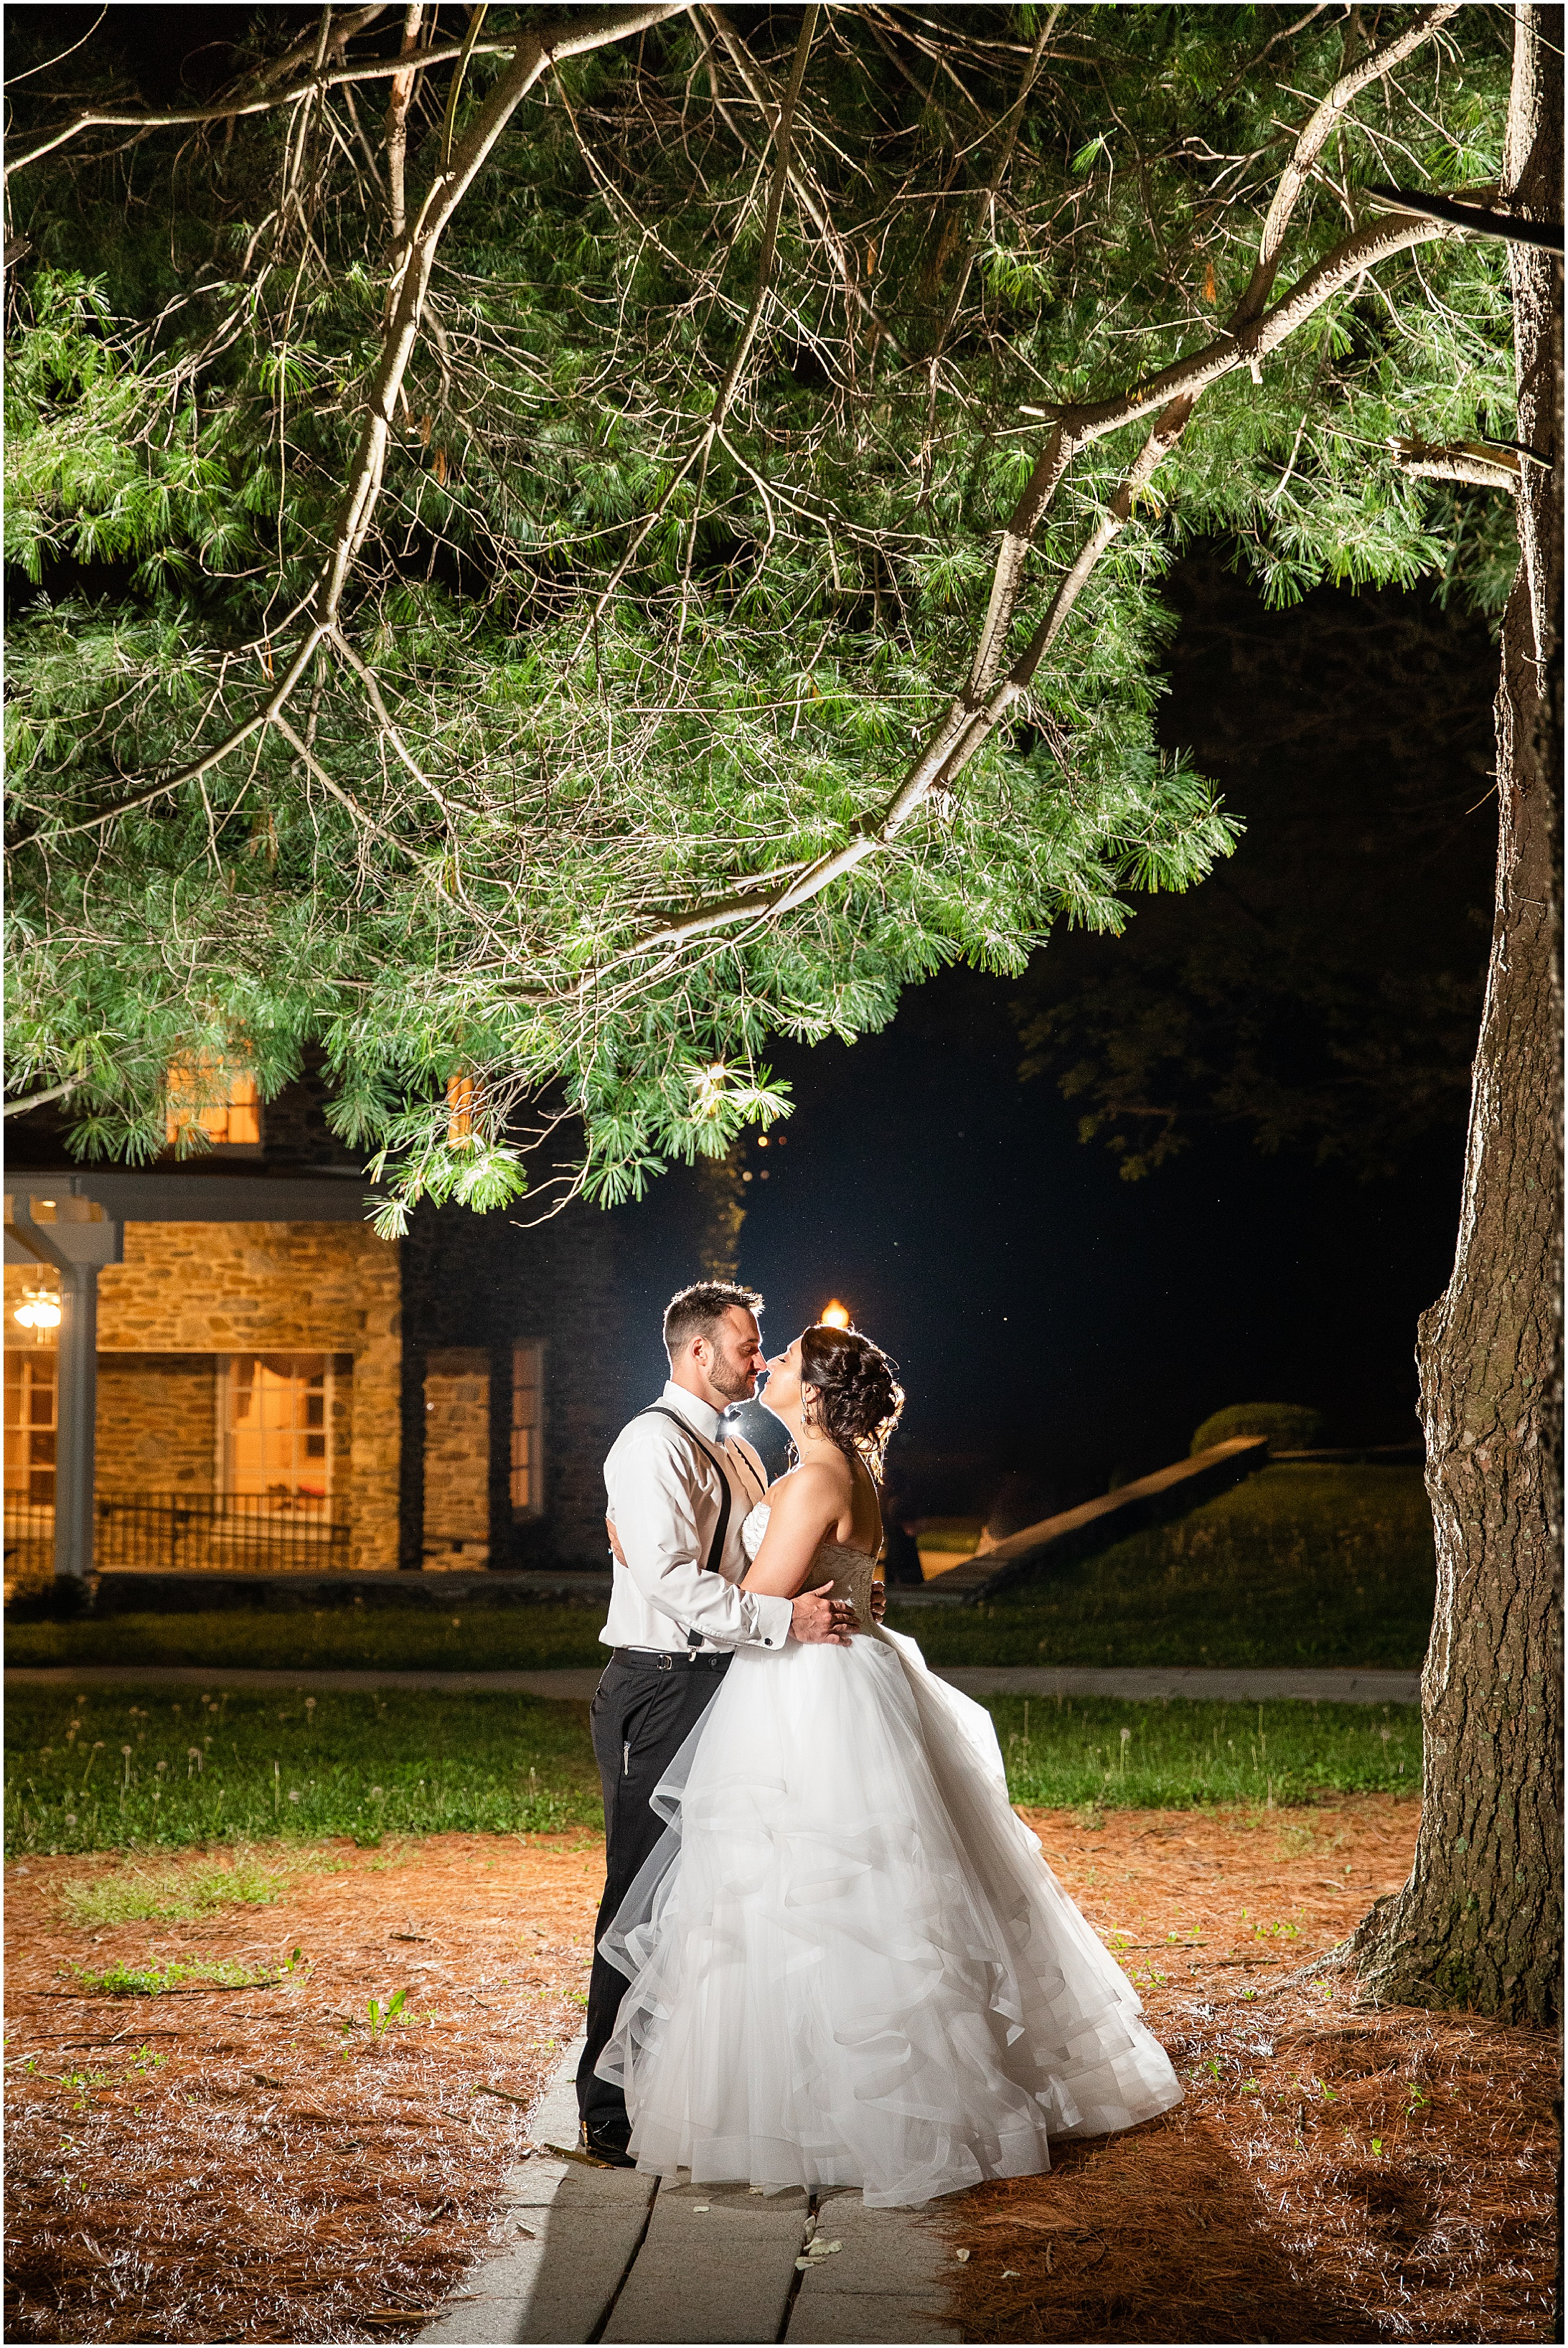 Stone-manor-country-club-wedding-photos-177.jpg